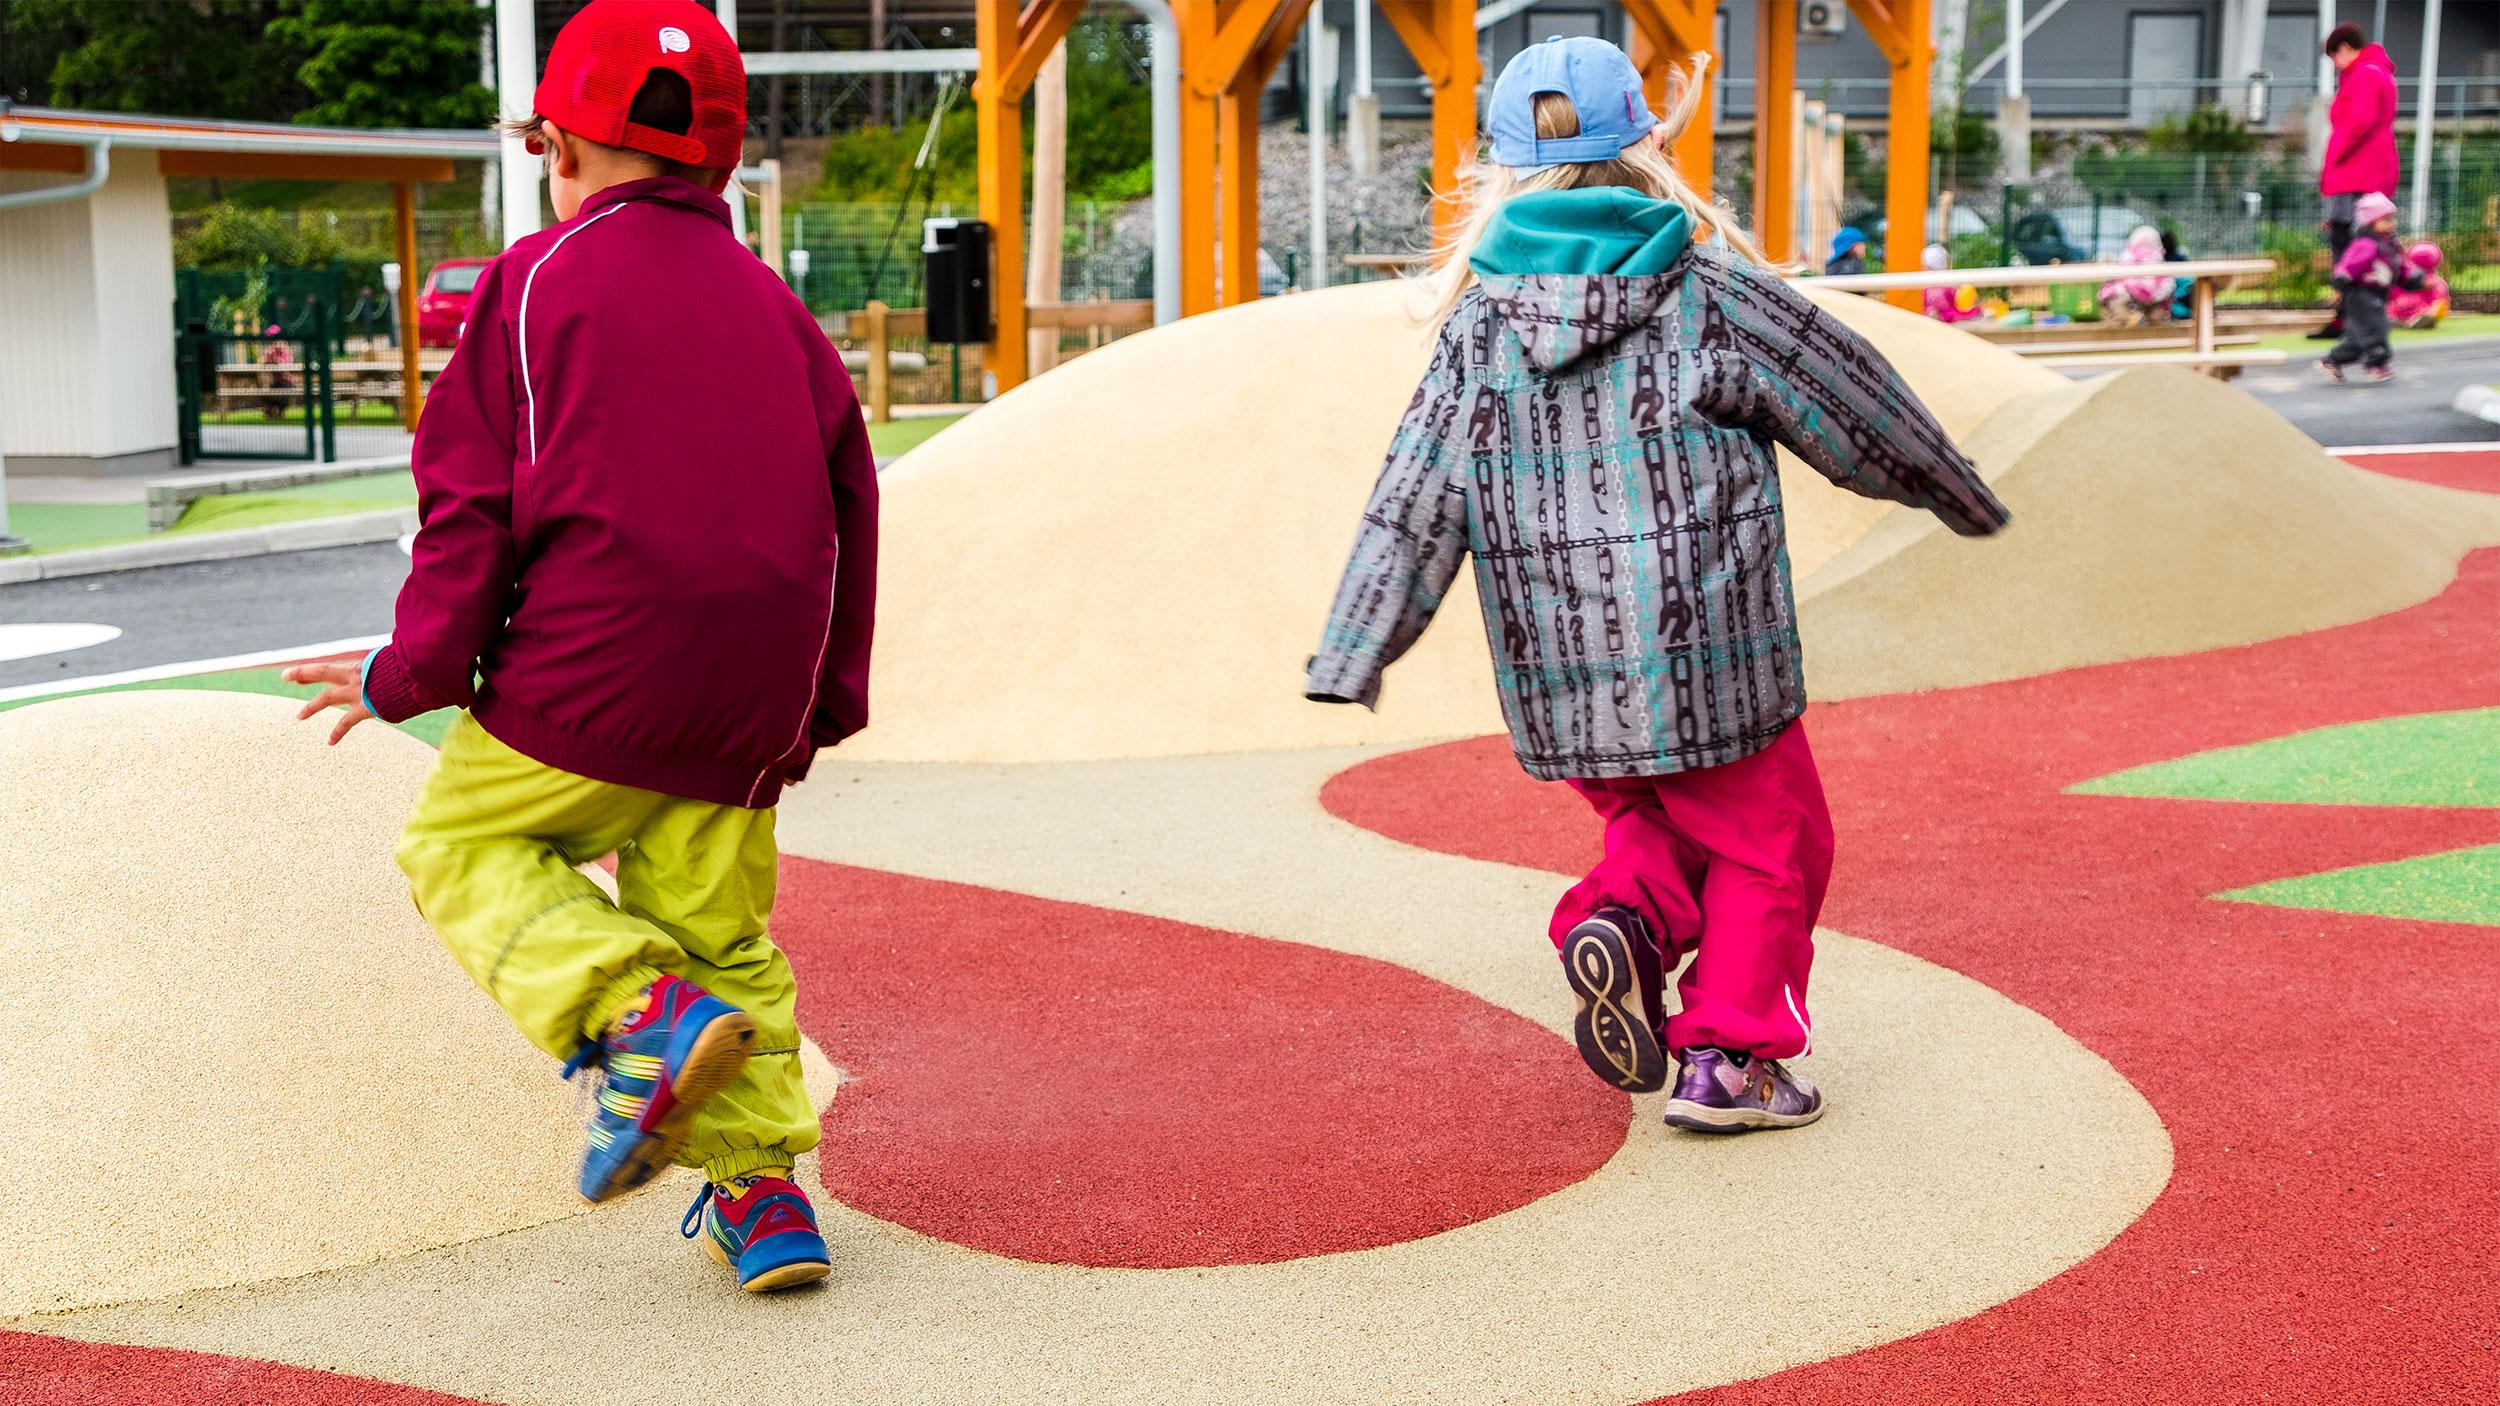 Leikkipaikan Joutsen-veistoksen kaula toimii polkuna, jota pitkin päiväkodin lapset juoksevat.